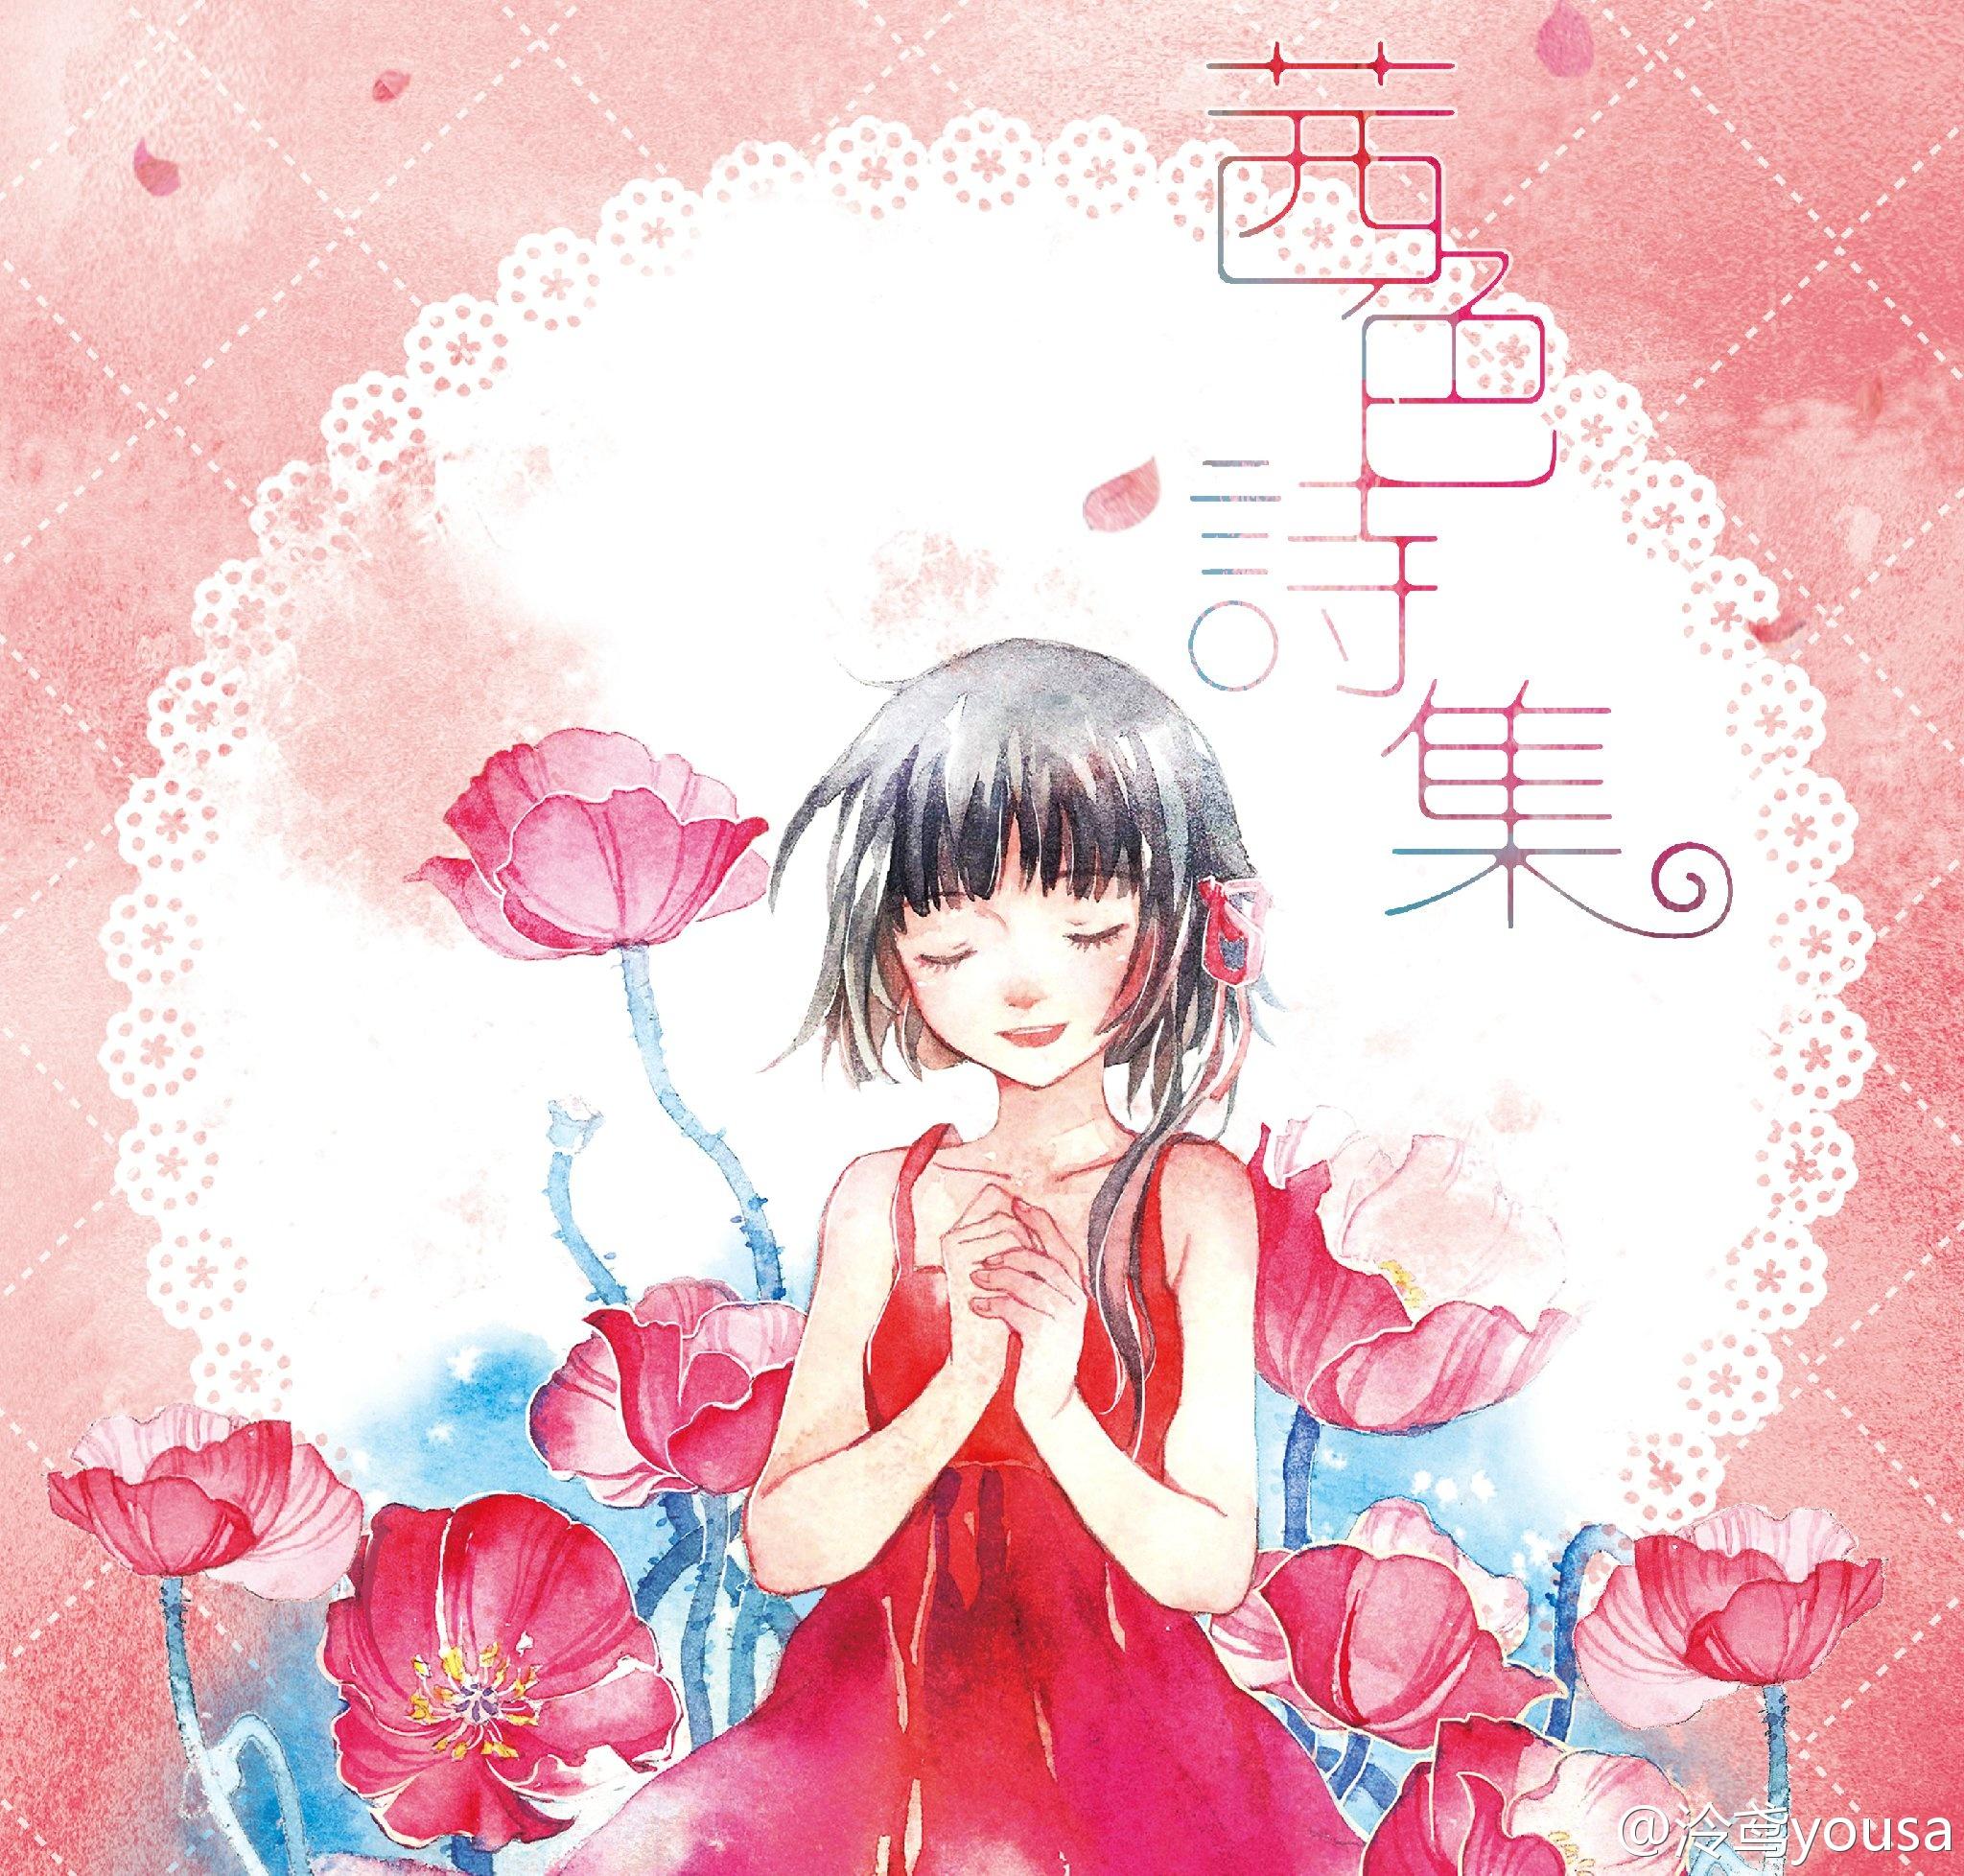 专访知名唱见泠鸢Yousa:少女漫画是我的灵感来源-ANICOGA